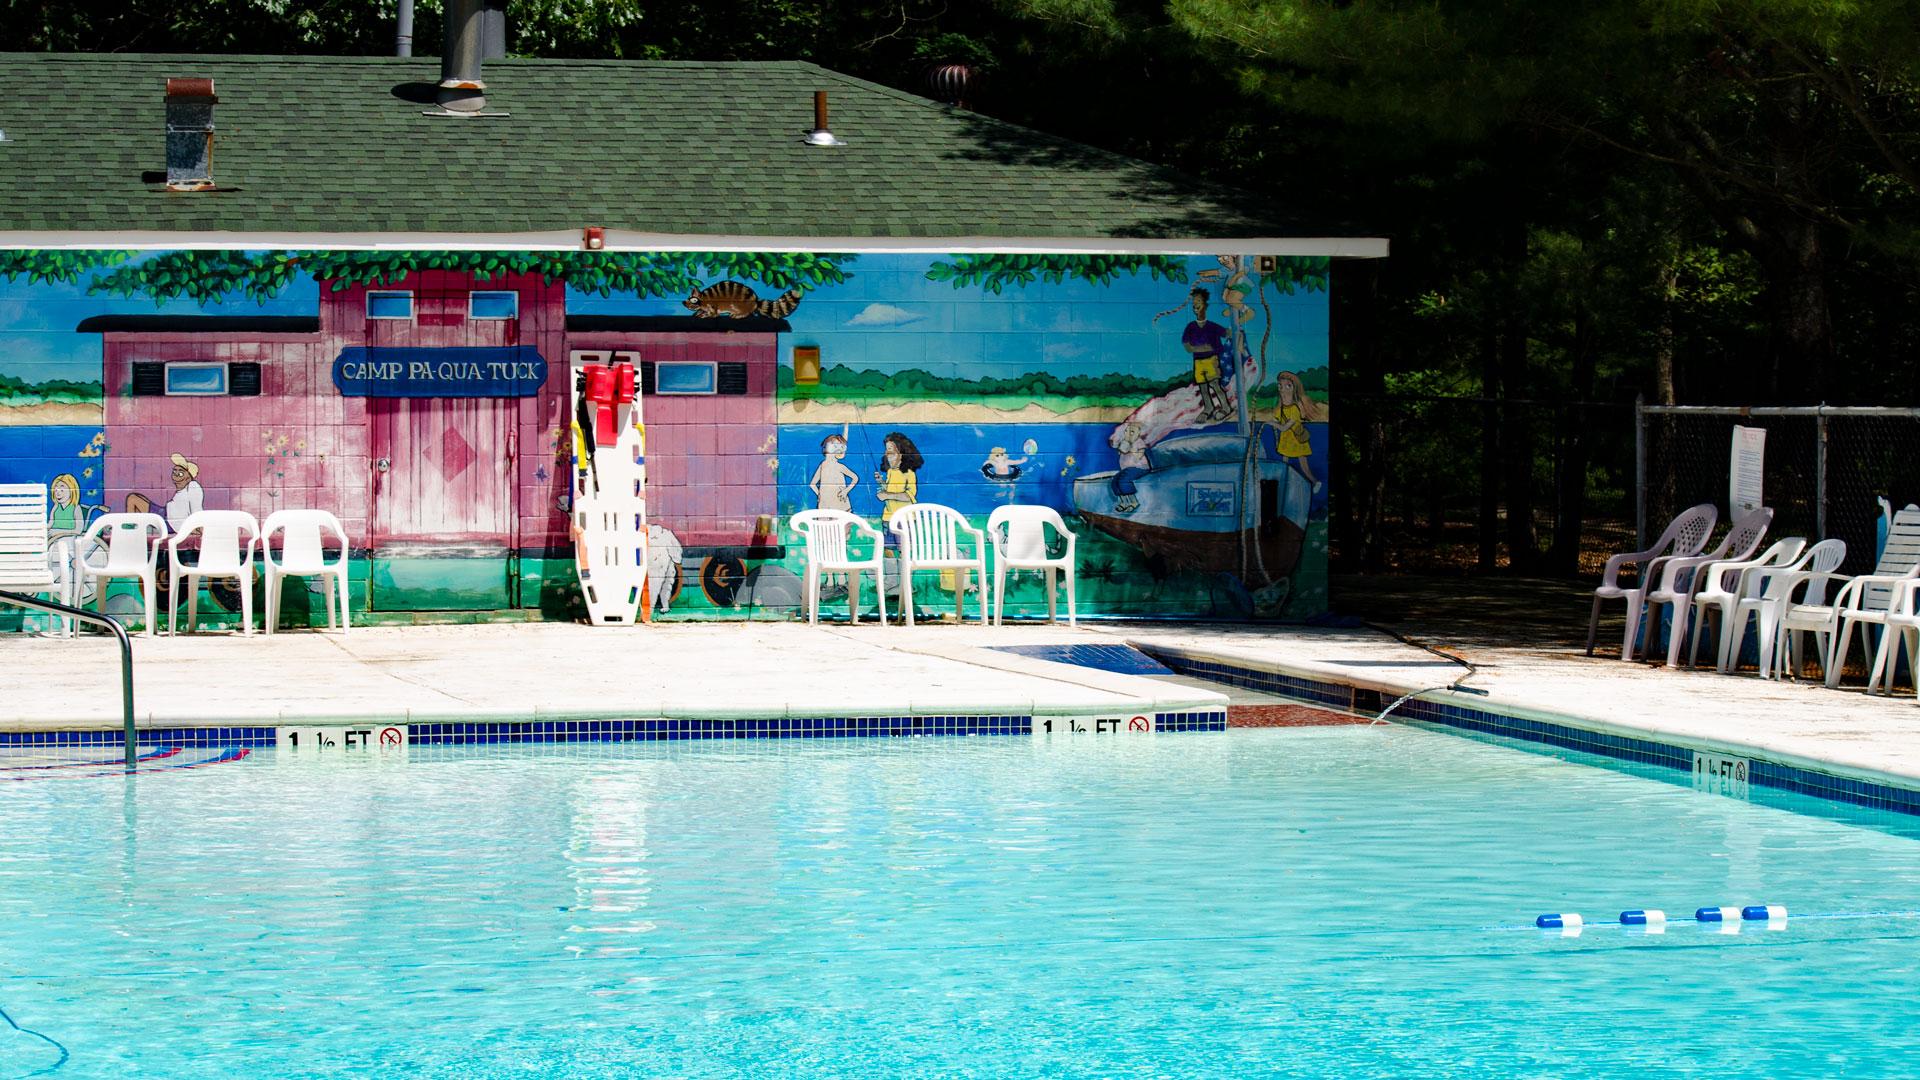 Camp Pa-Qua-Tuck pool